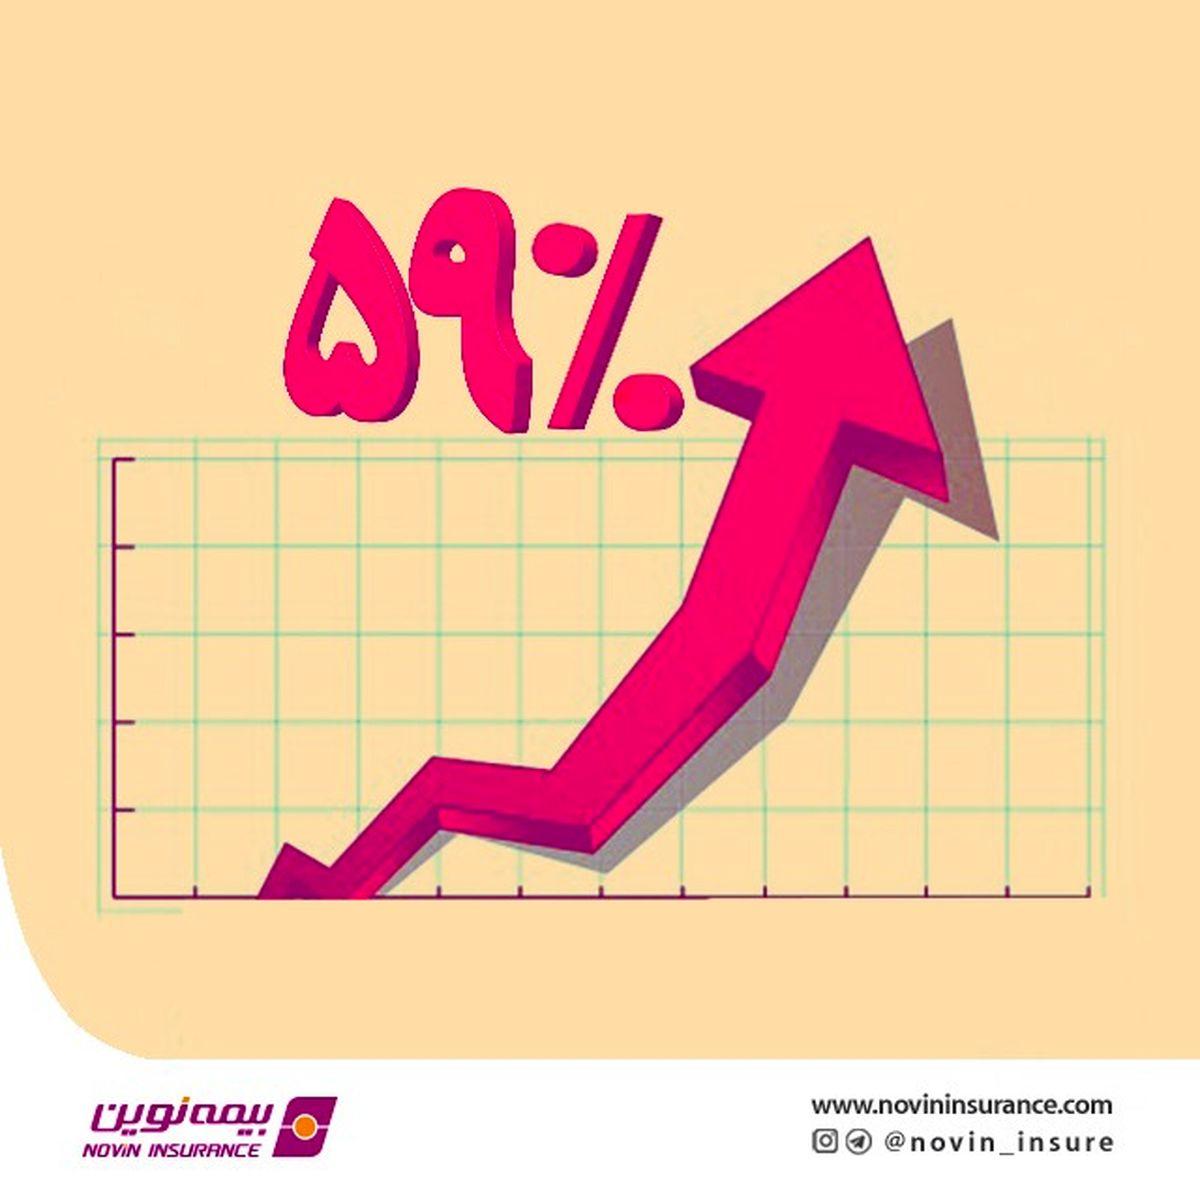 حق بیمه نوین در فروردین افزایش نزدیک به 60 درصدی را تجربه کرد